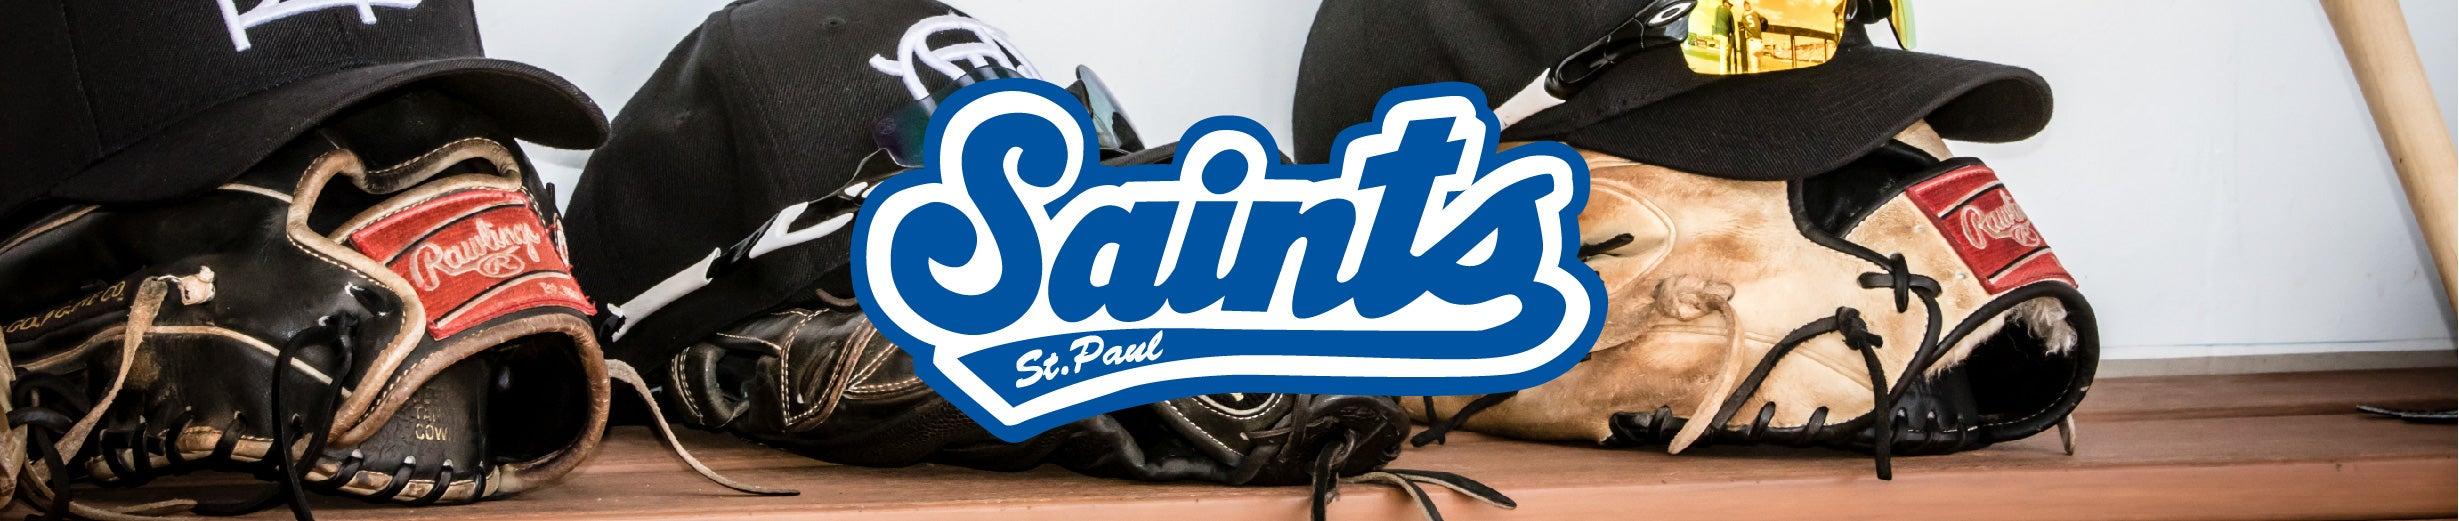 Saints Tickets_1180x250-01.jpg